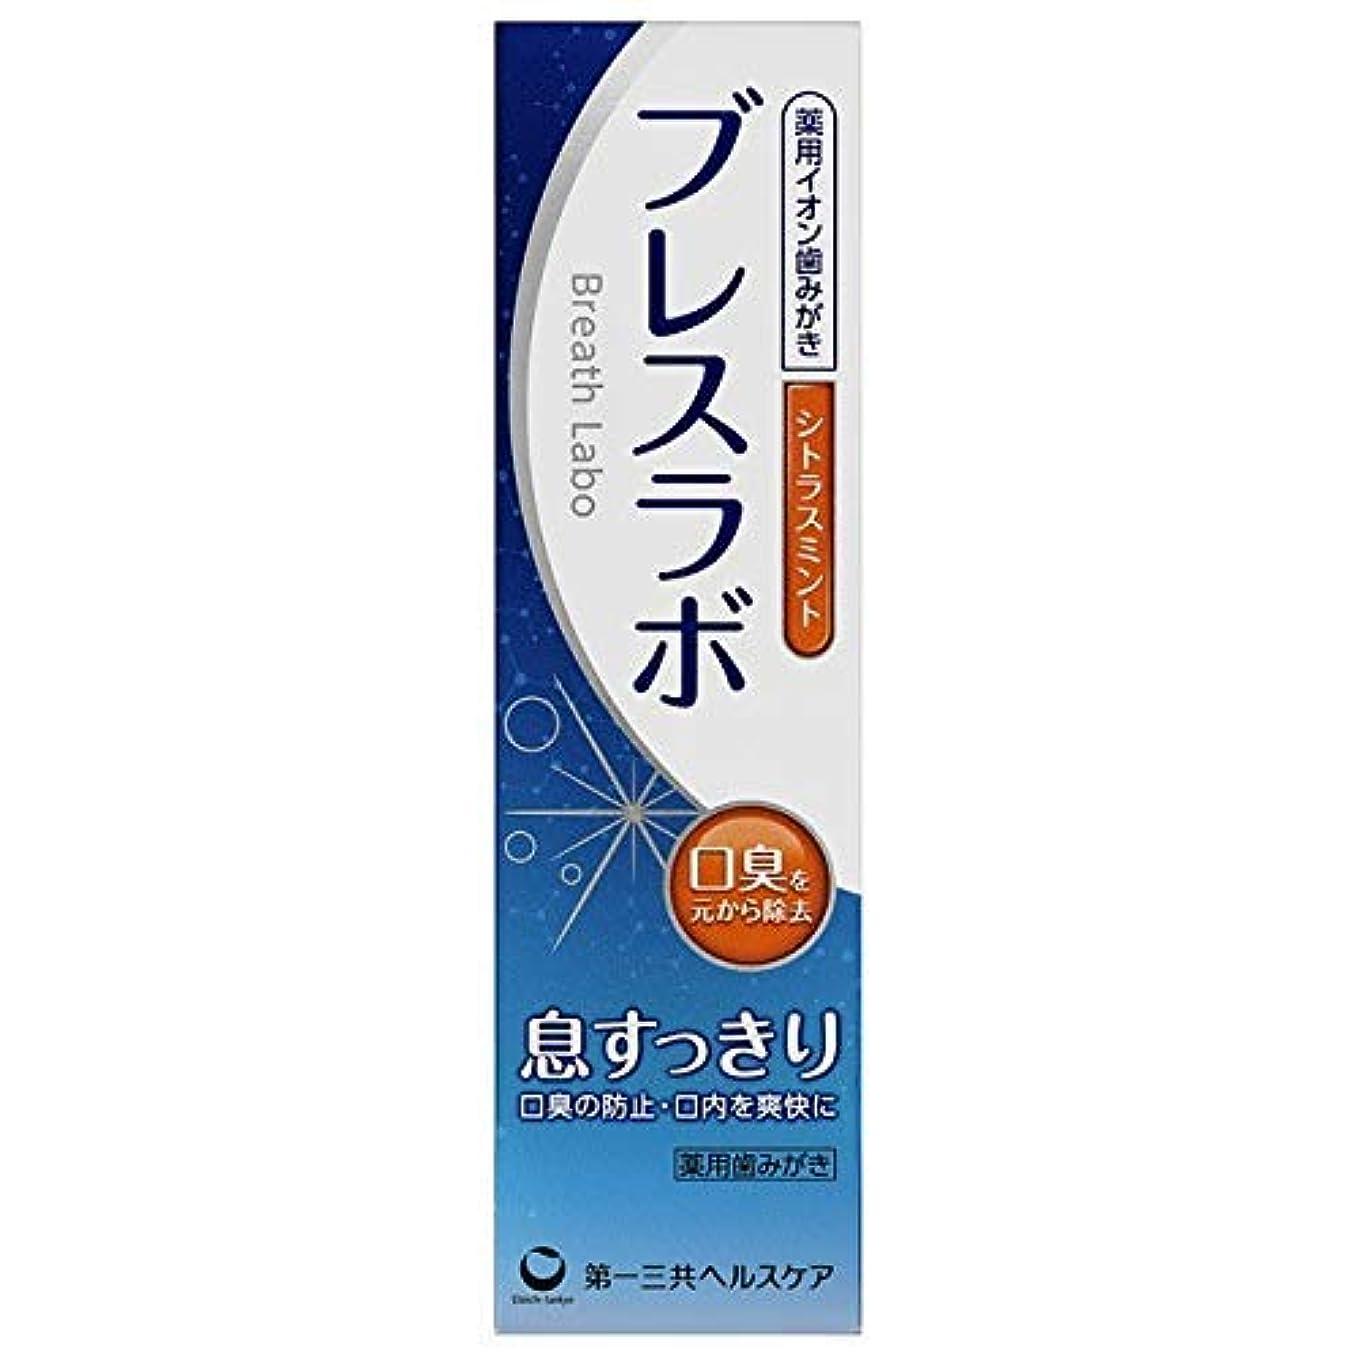 資金閲覧するワーム【2個セット】ブレスラボ シトラスミント 90g